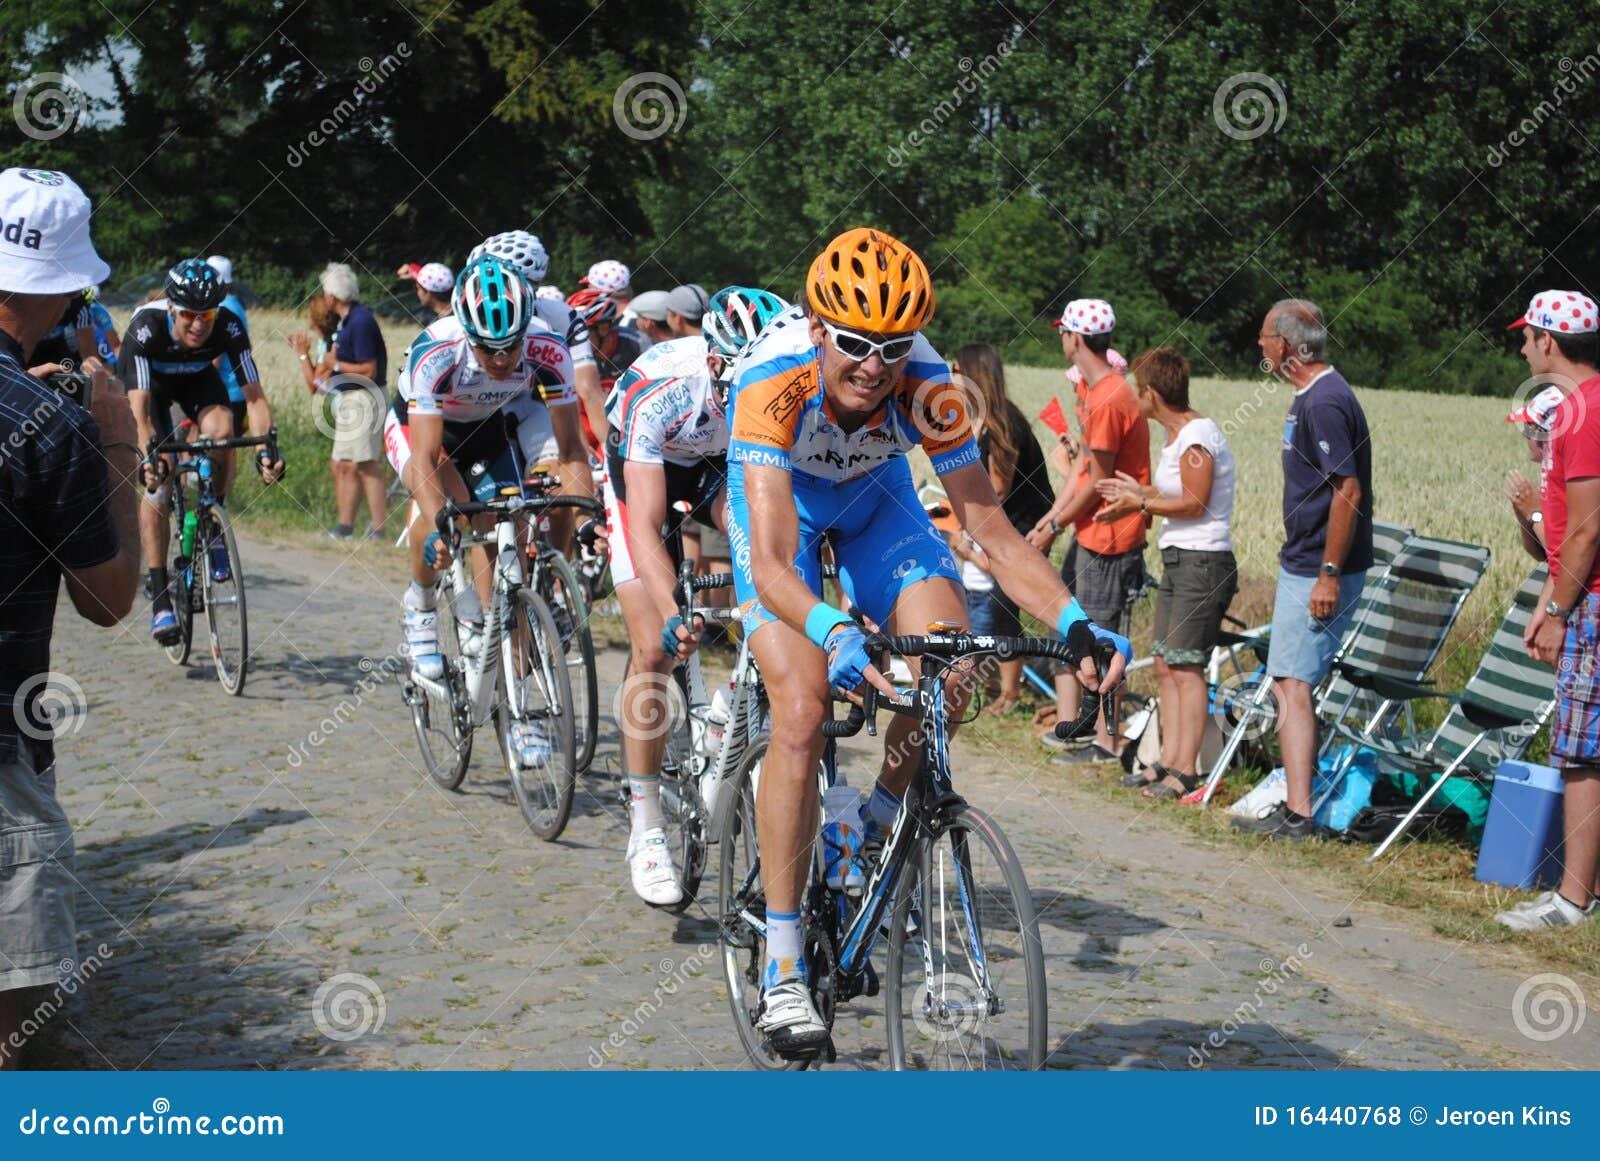 Pavés ronds blessés (Tour de France  10)